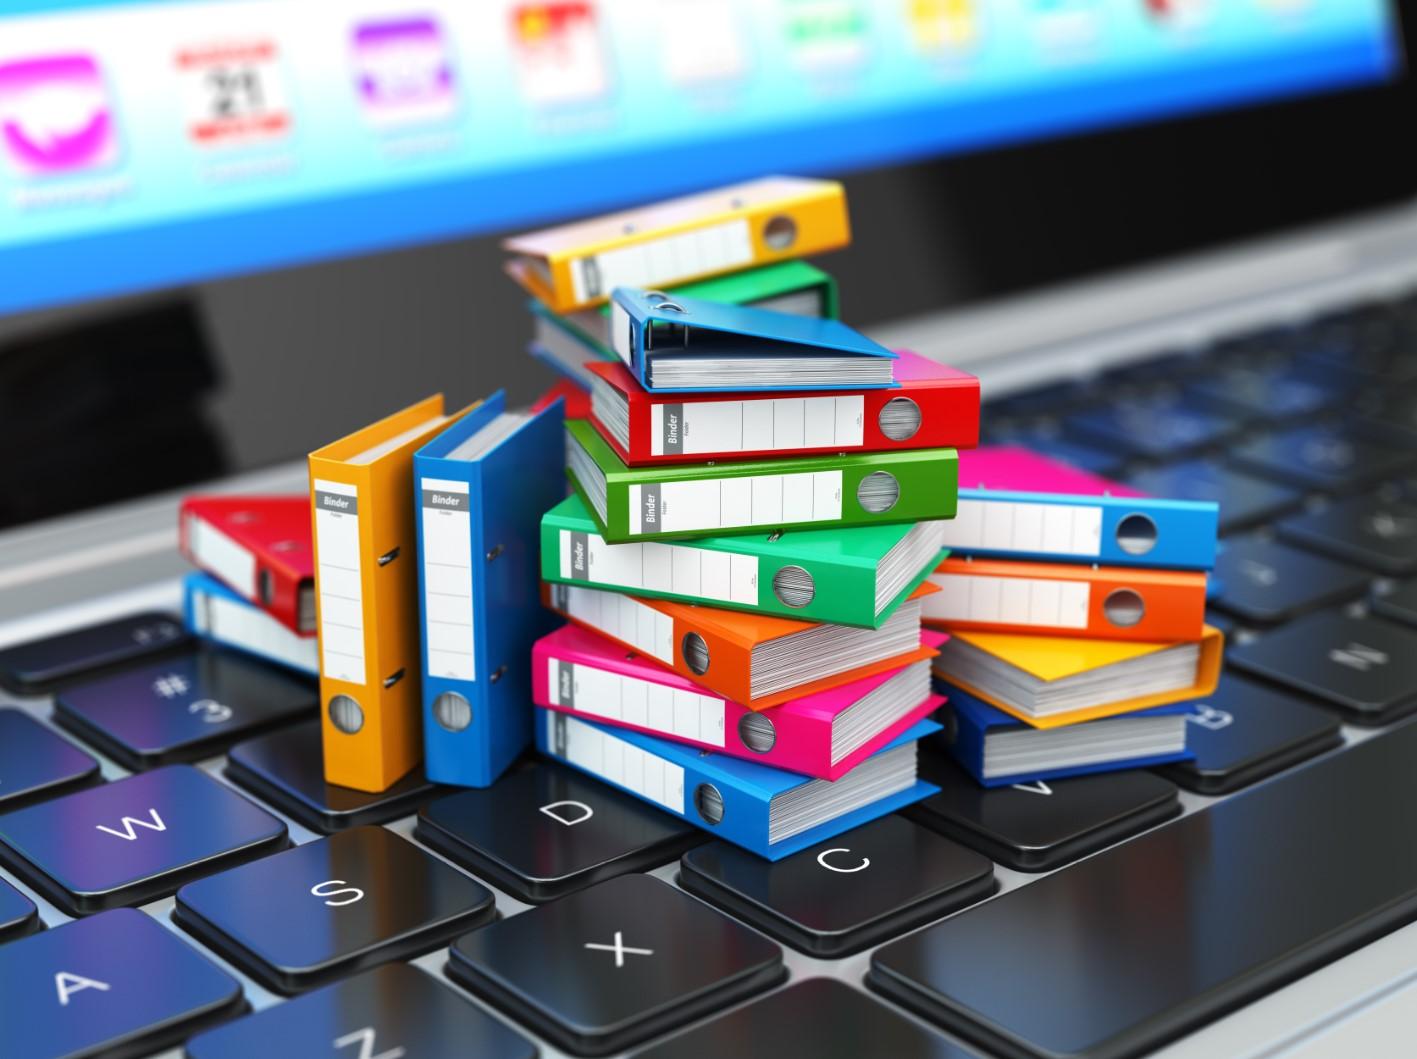 Resuelve tu desorden digital y gana en productividad